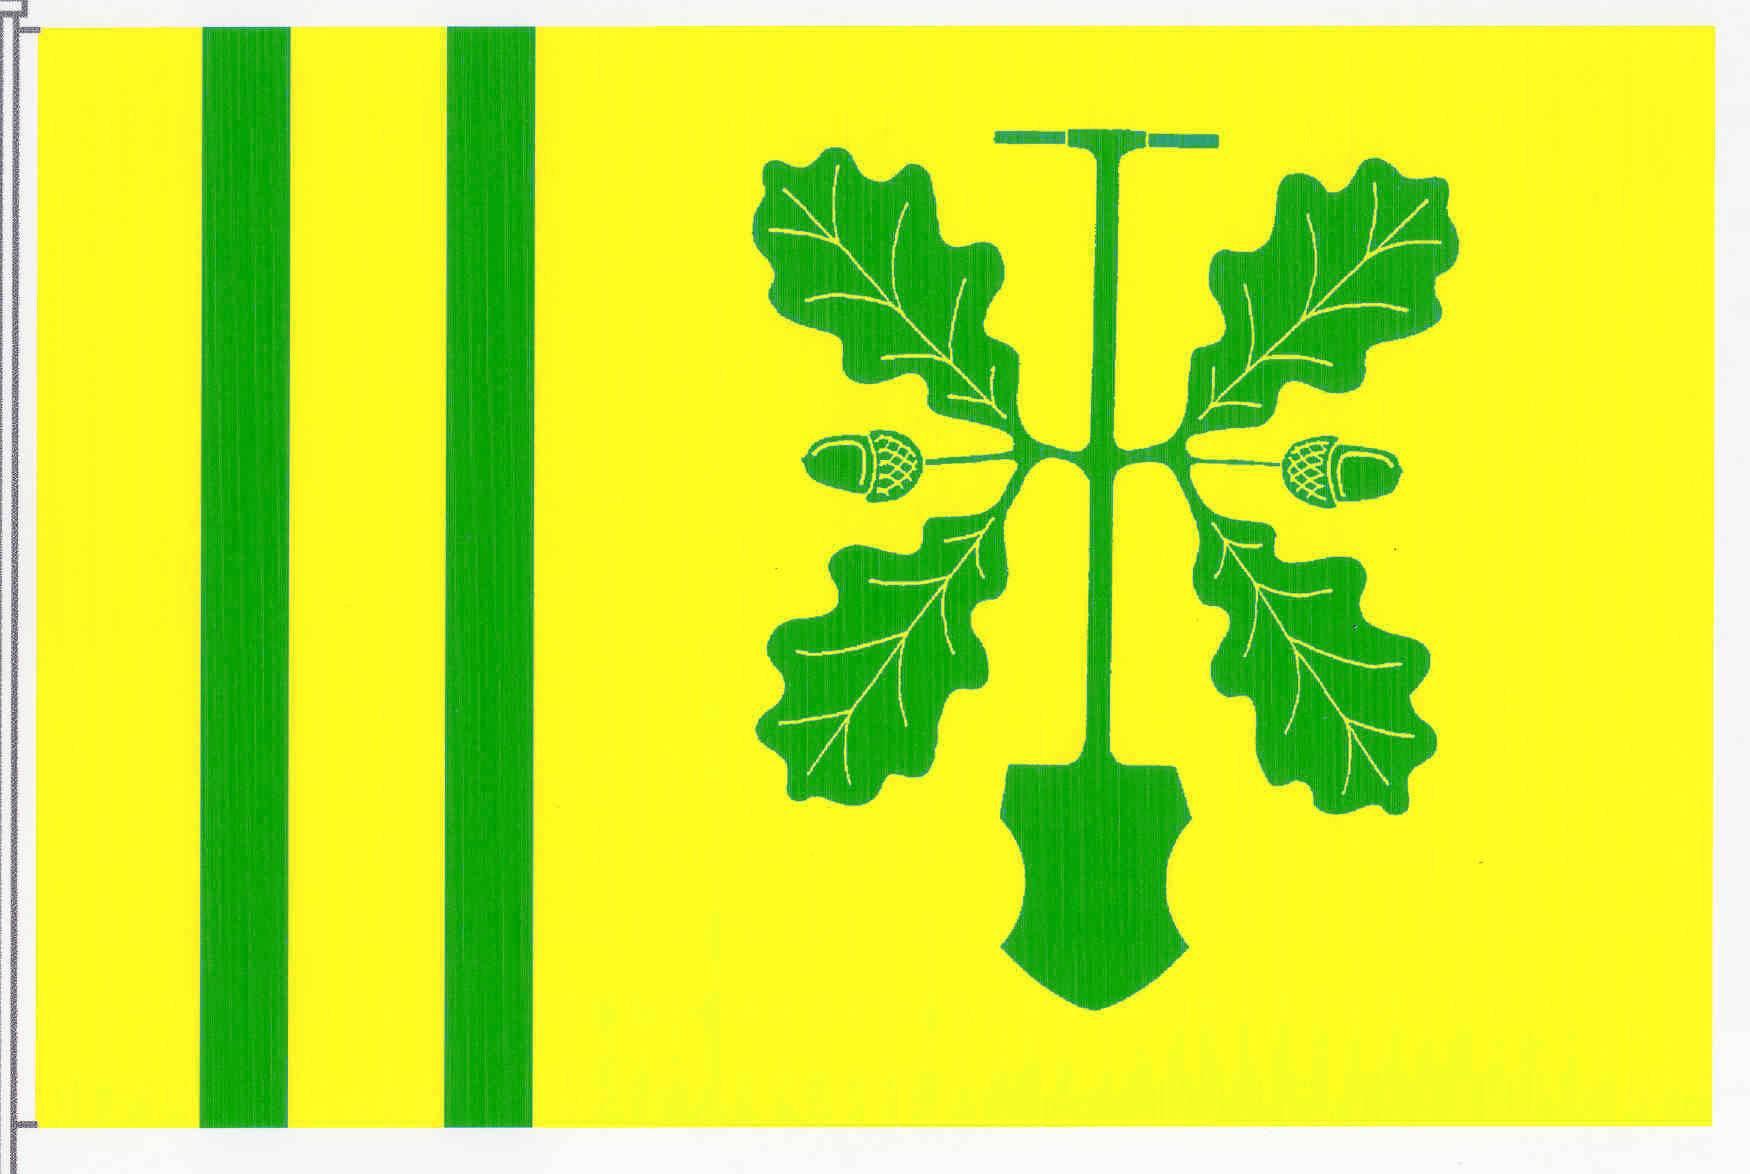 Flagge GemeindeJarplund-Weding, Kreis Schleswig-Flensburg